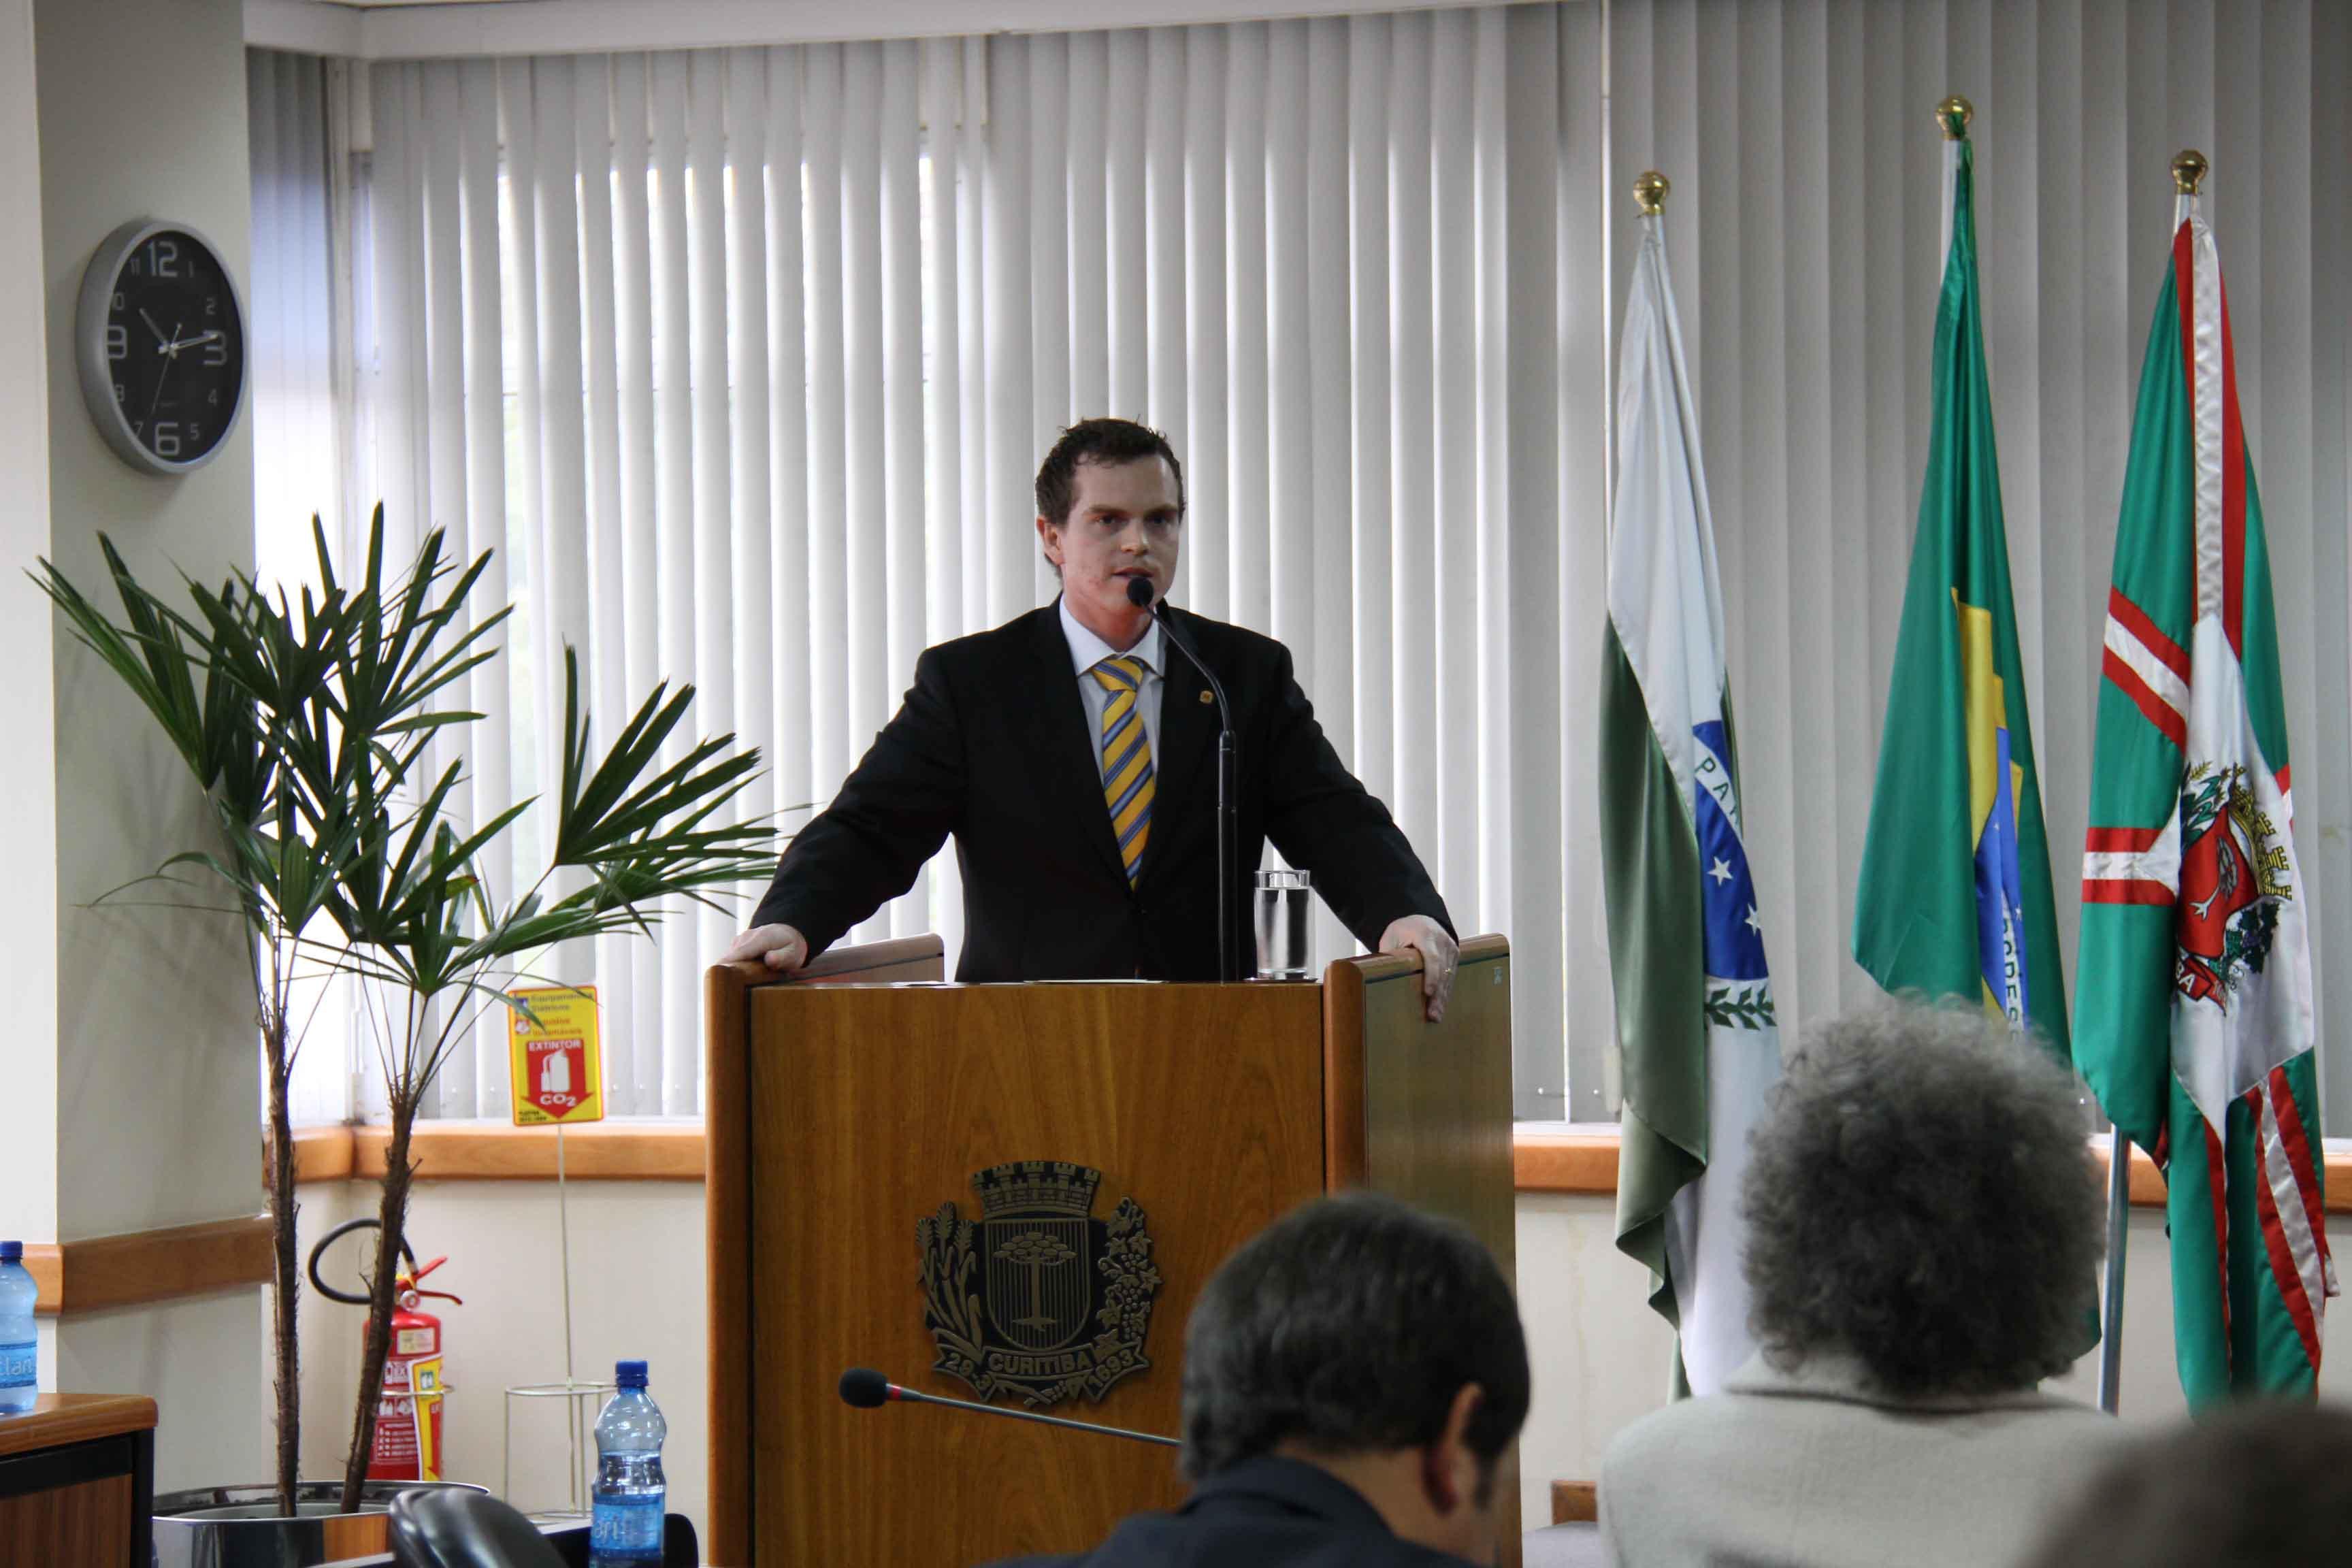 Campanha Porção Responsável, resultado de projeto de lei do vereador Bruno Pessuti, é lançada em Curitiba - Bruno Pessuti